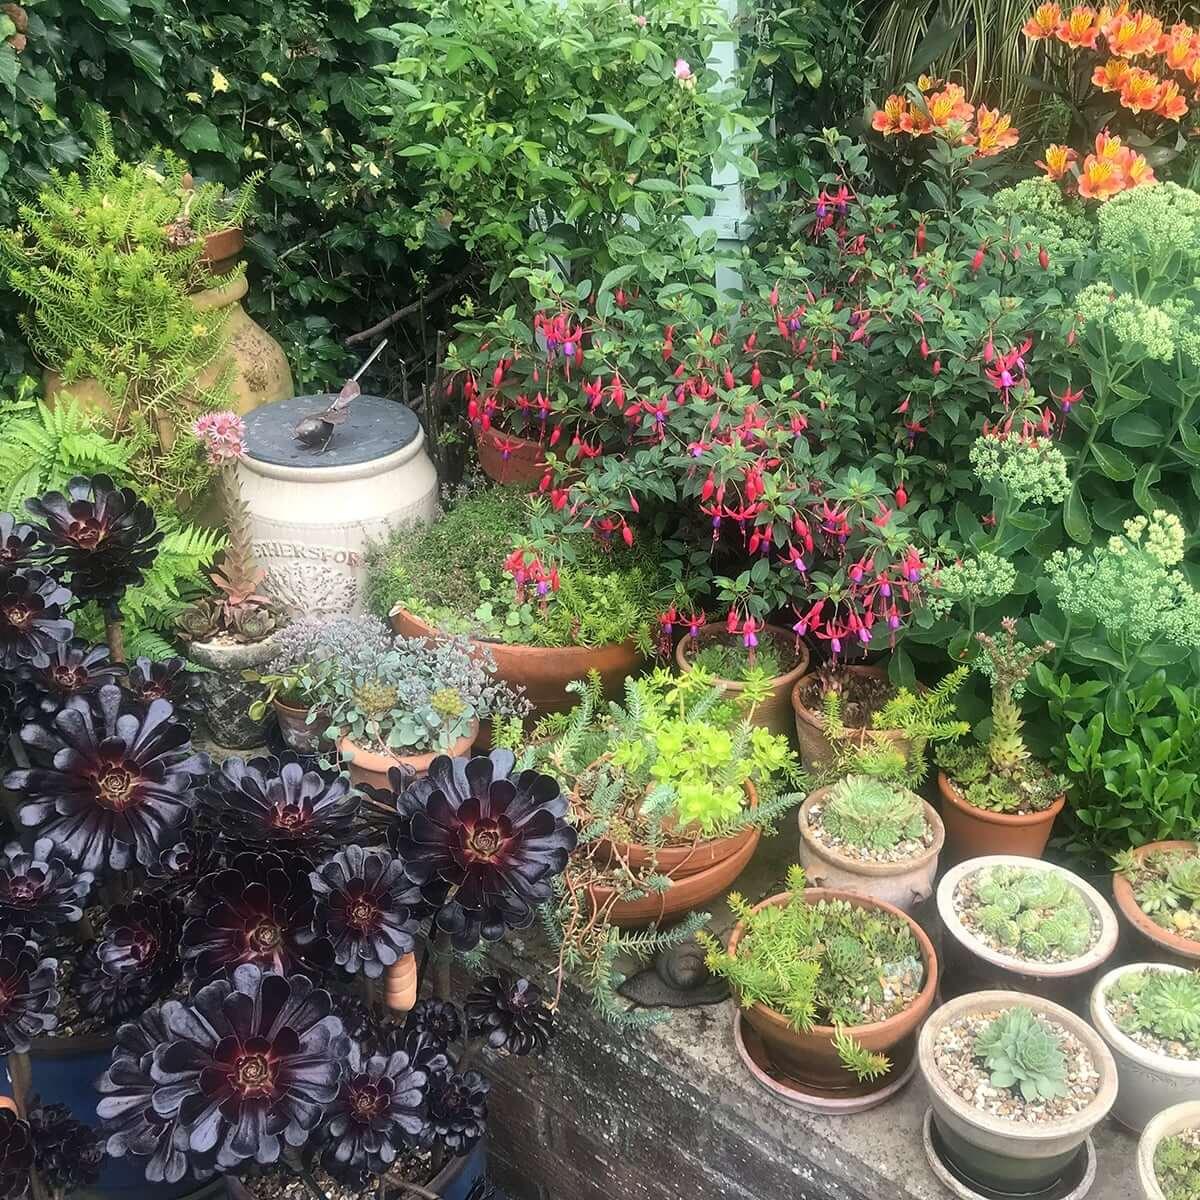 Best Back Garden Ruxley in Bloom